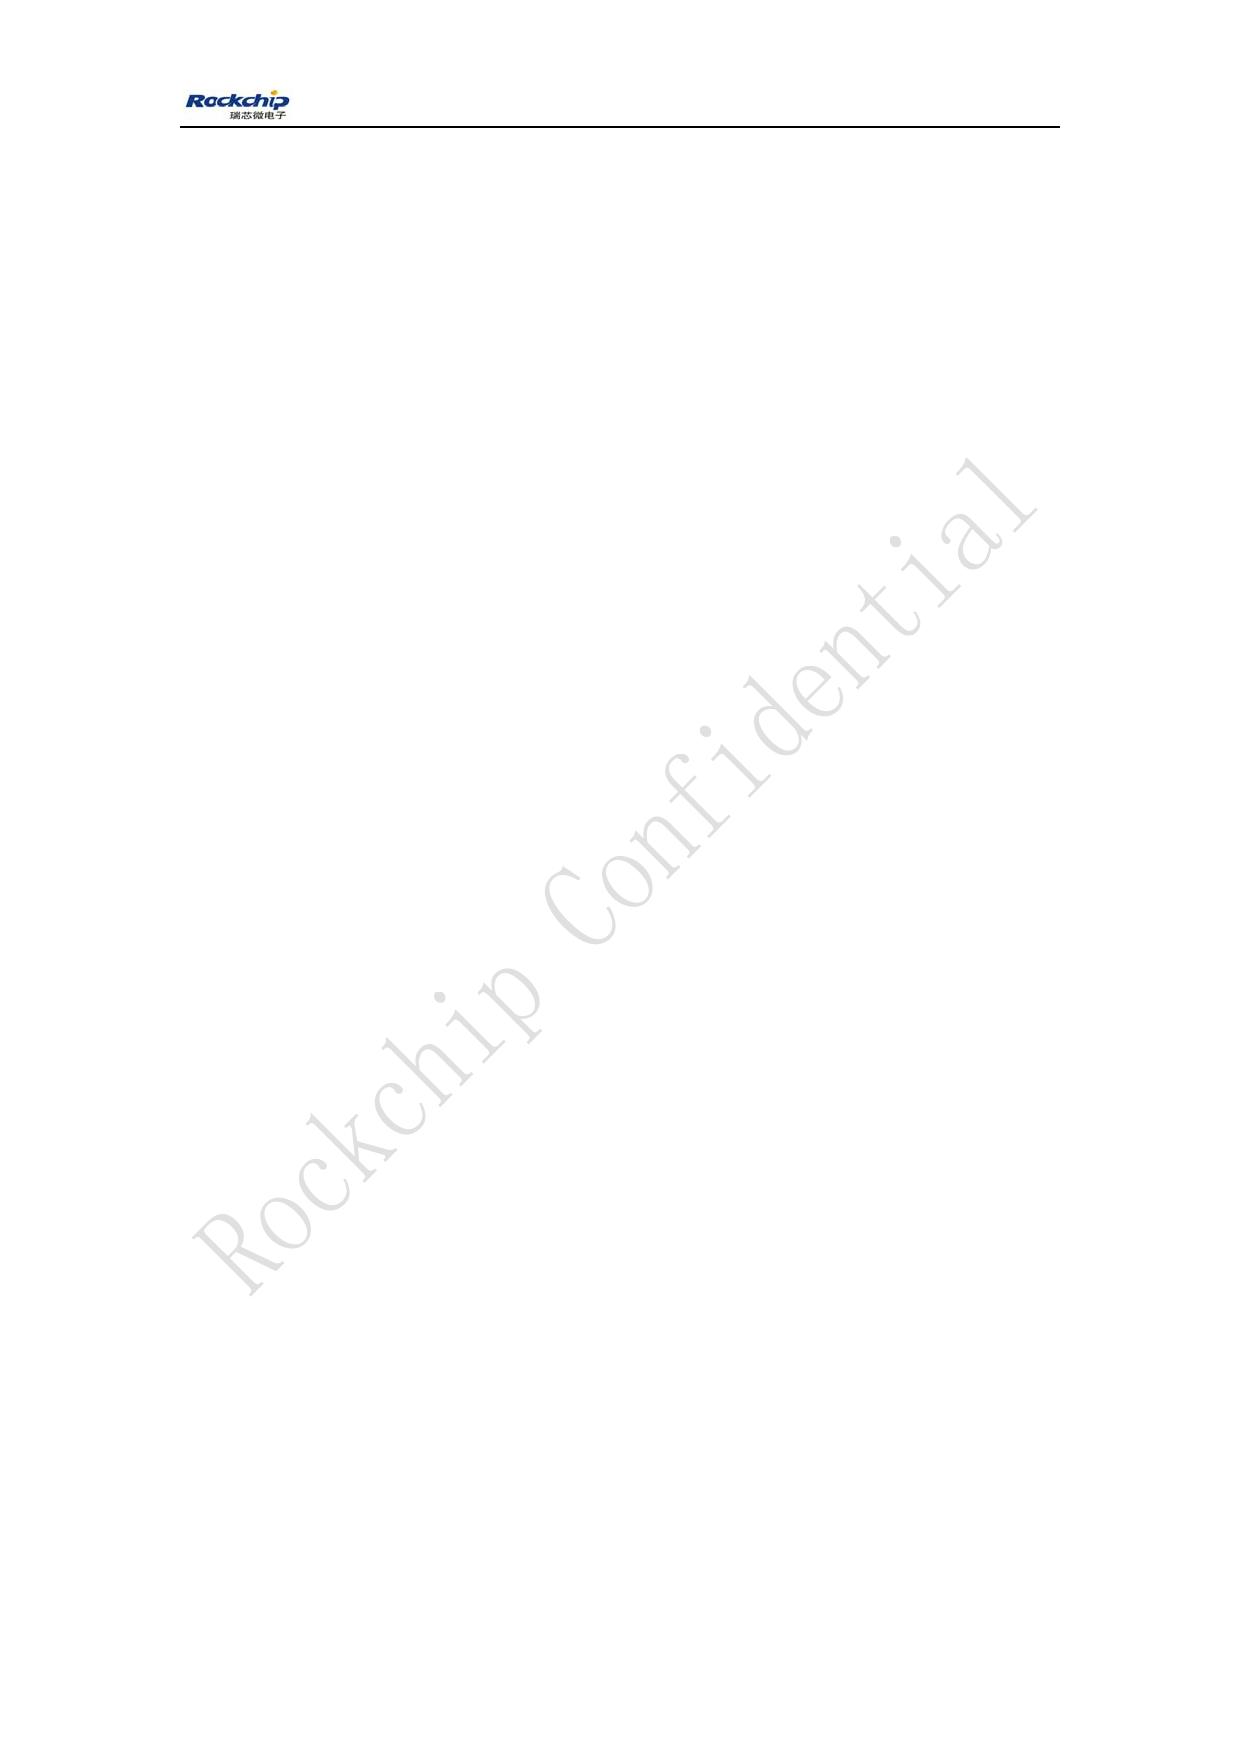 RK3128 pdf, 電子部品, 半導体, ピン配列